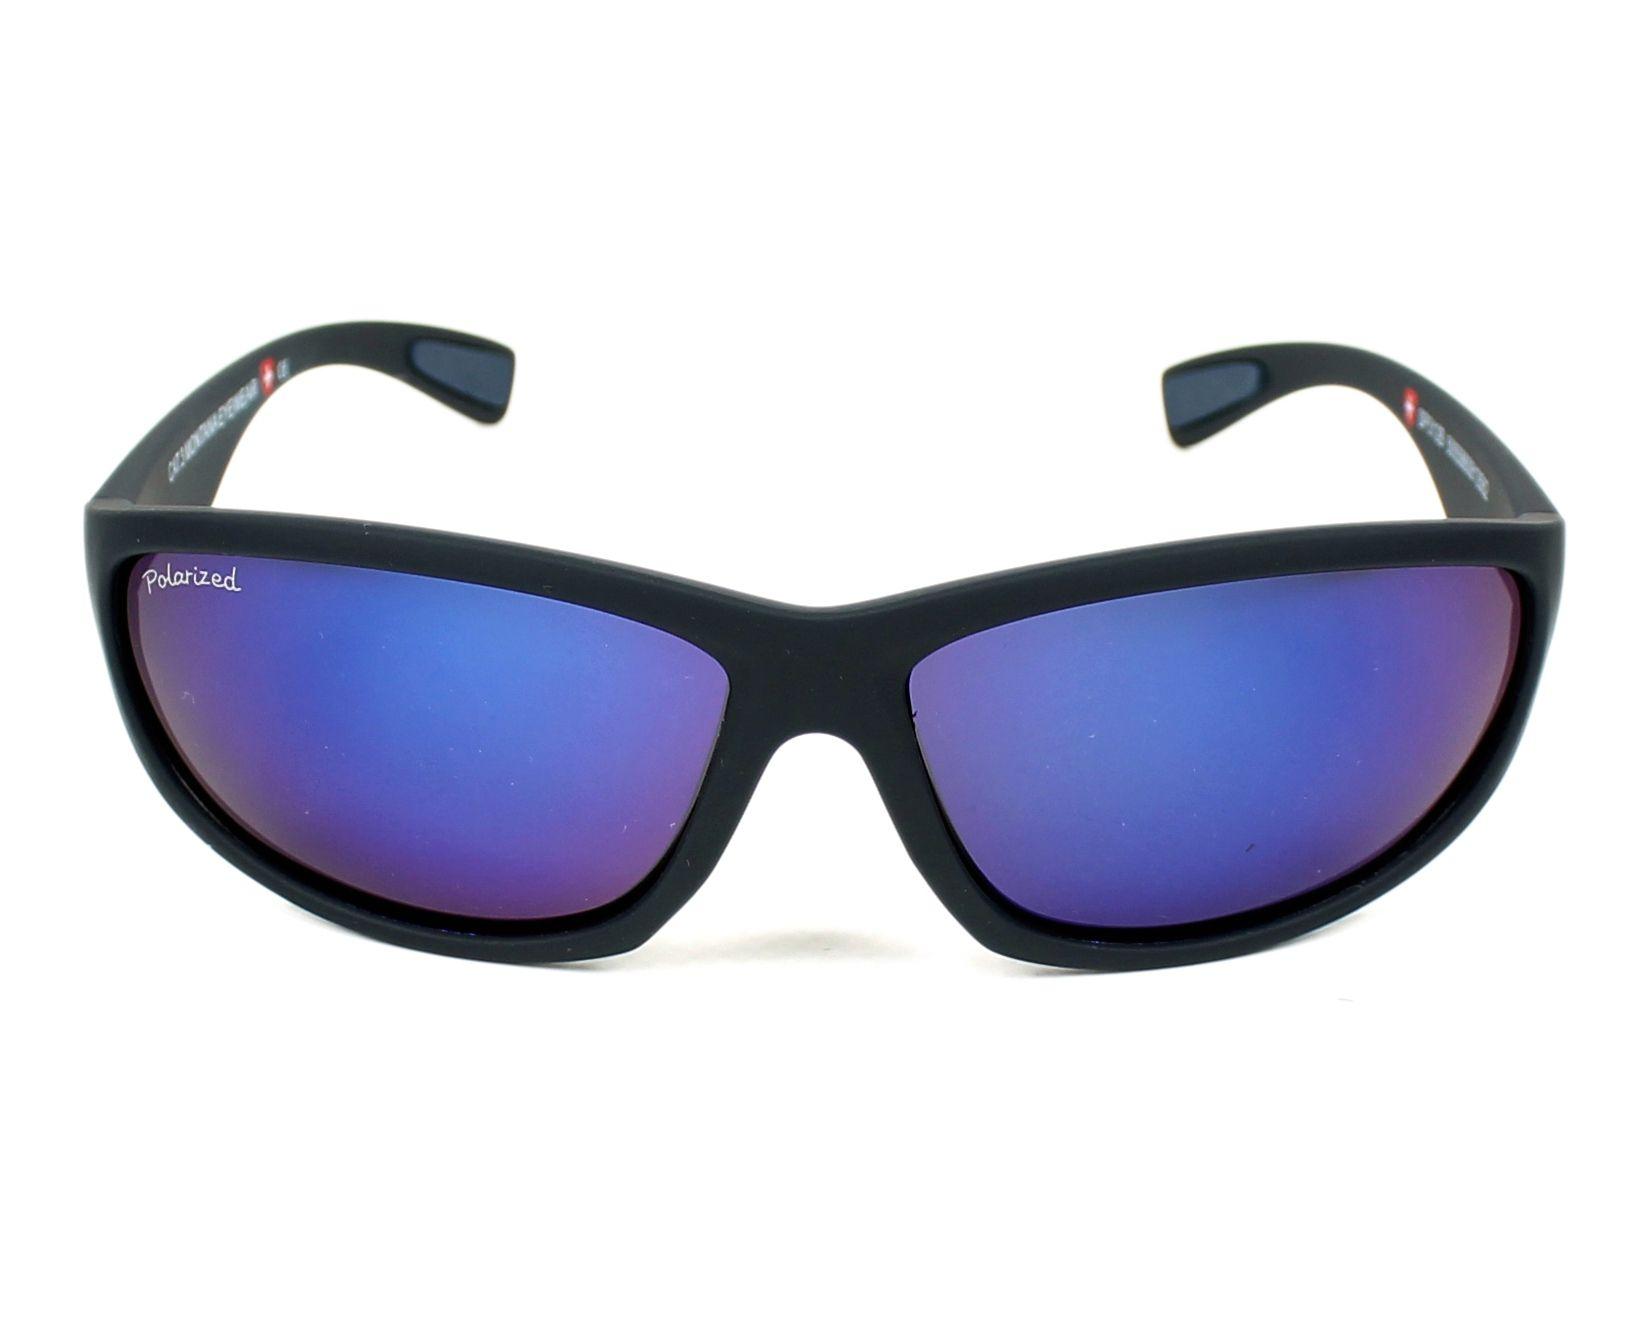 6ad16568c8 Gafas de sol Montana SP-312 B 63-14 Negra vista de frente